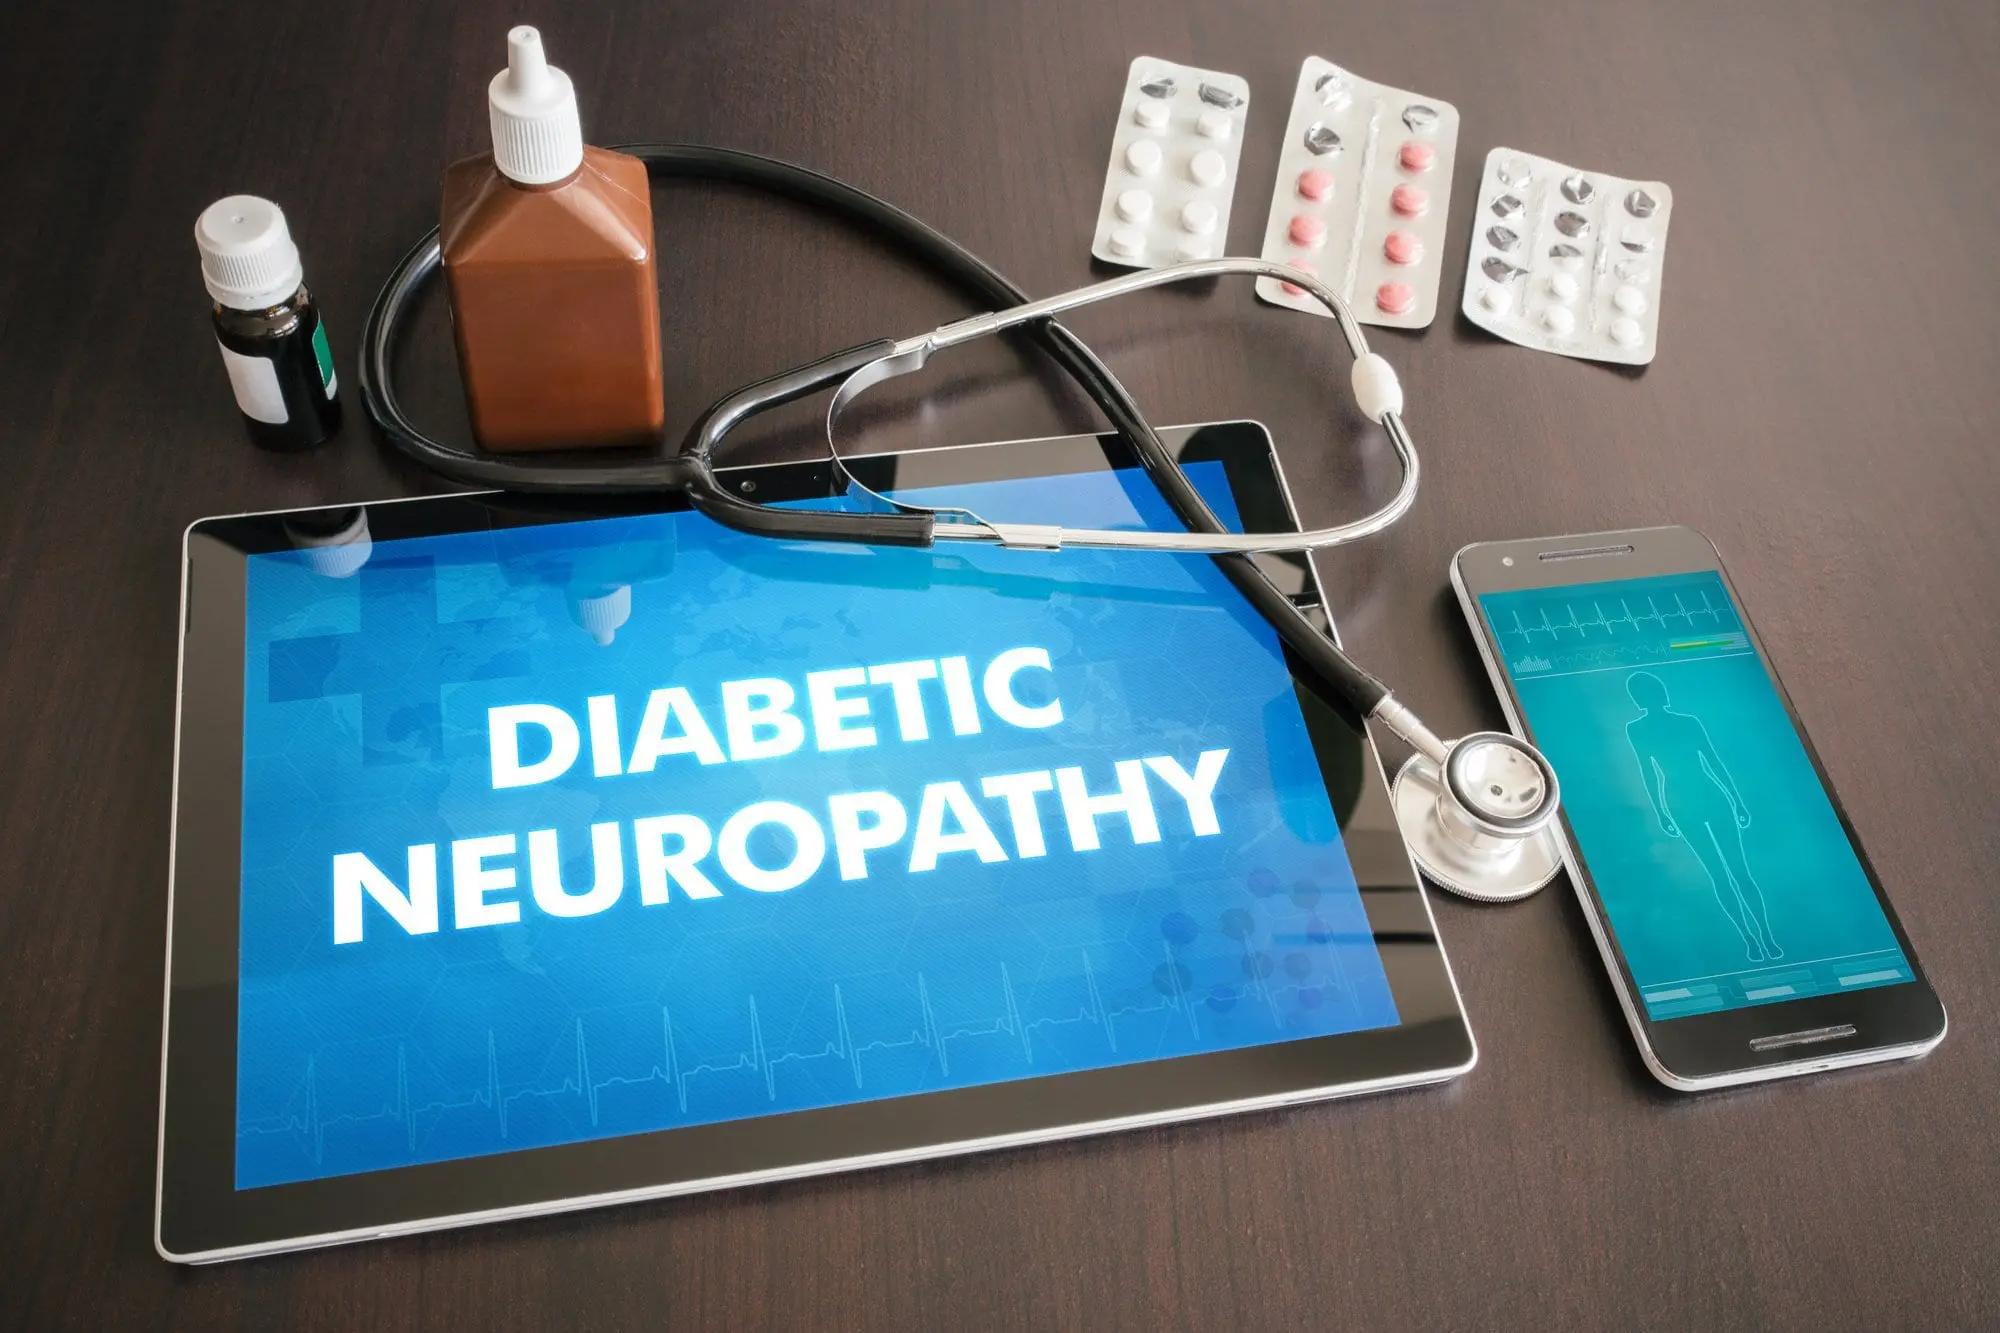 diabetic-neuropathy-symptoms